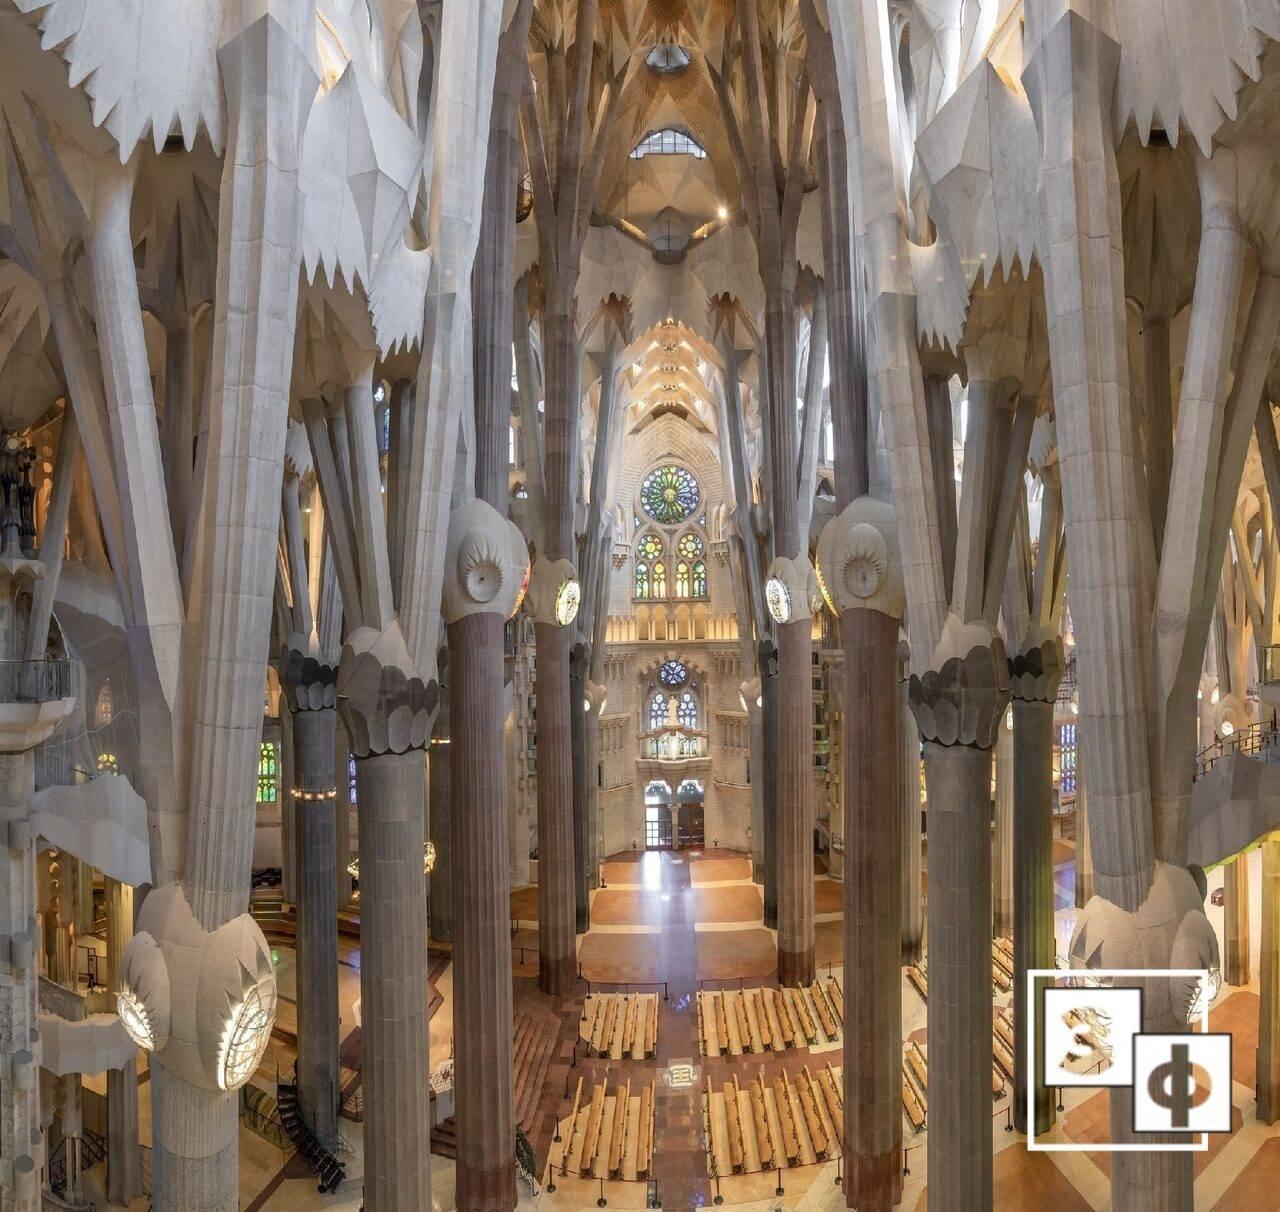 Собор саграда фамилия или храм святого семейства в барселоне